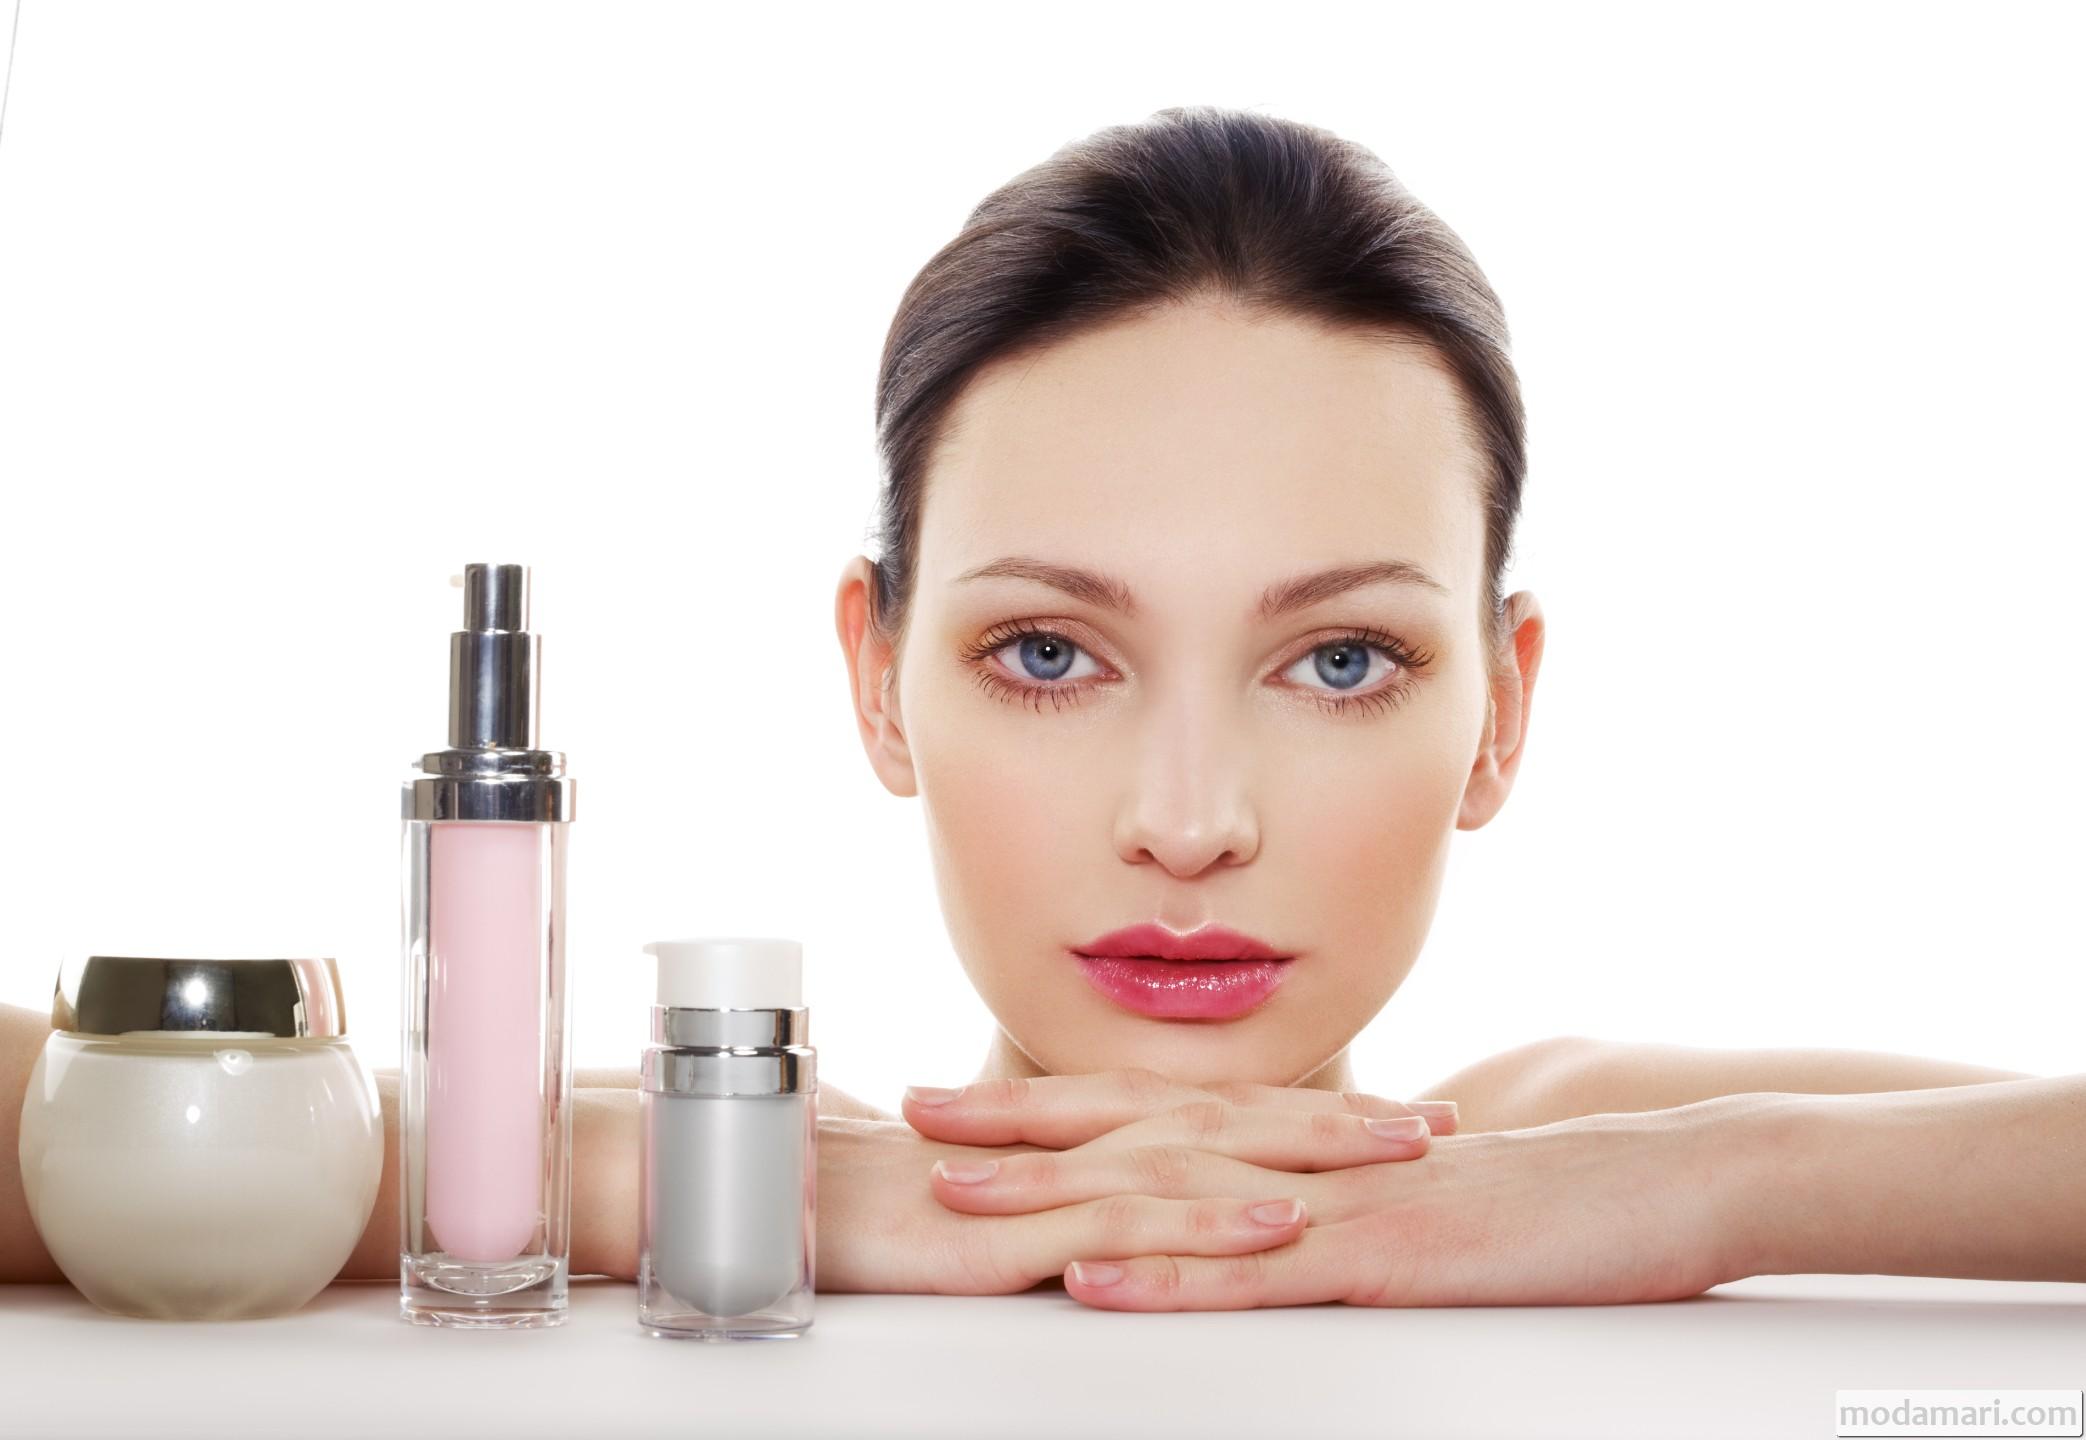 Рейтинг кремов для лица: по возрасту, типу кожи, марке и другим критериям